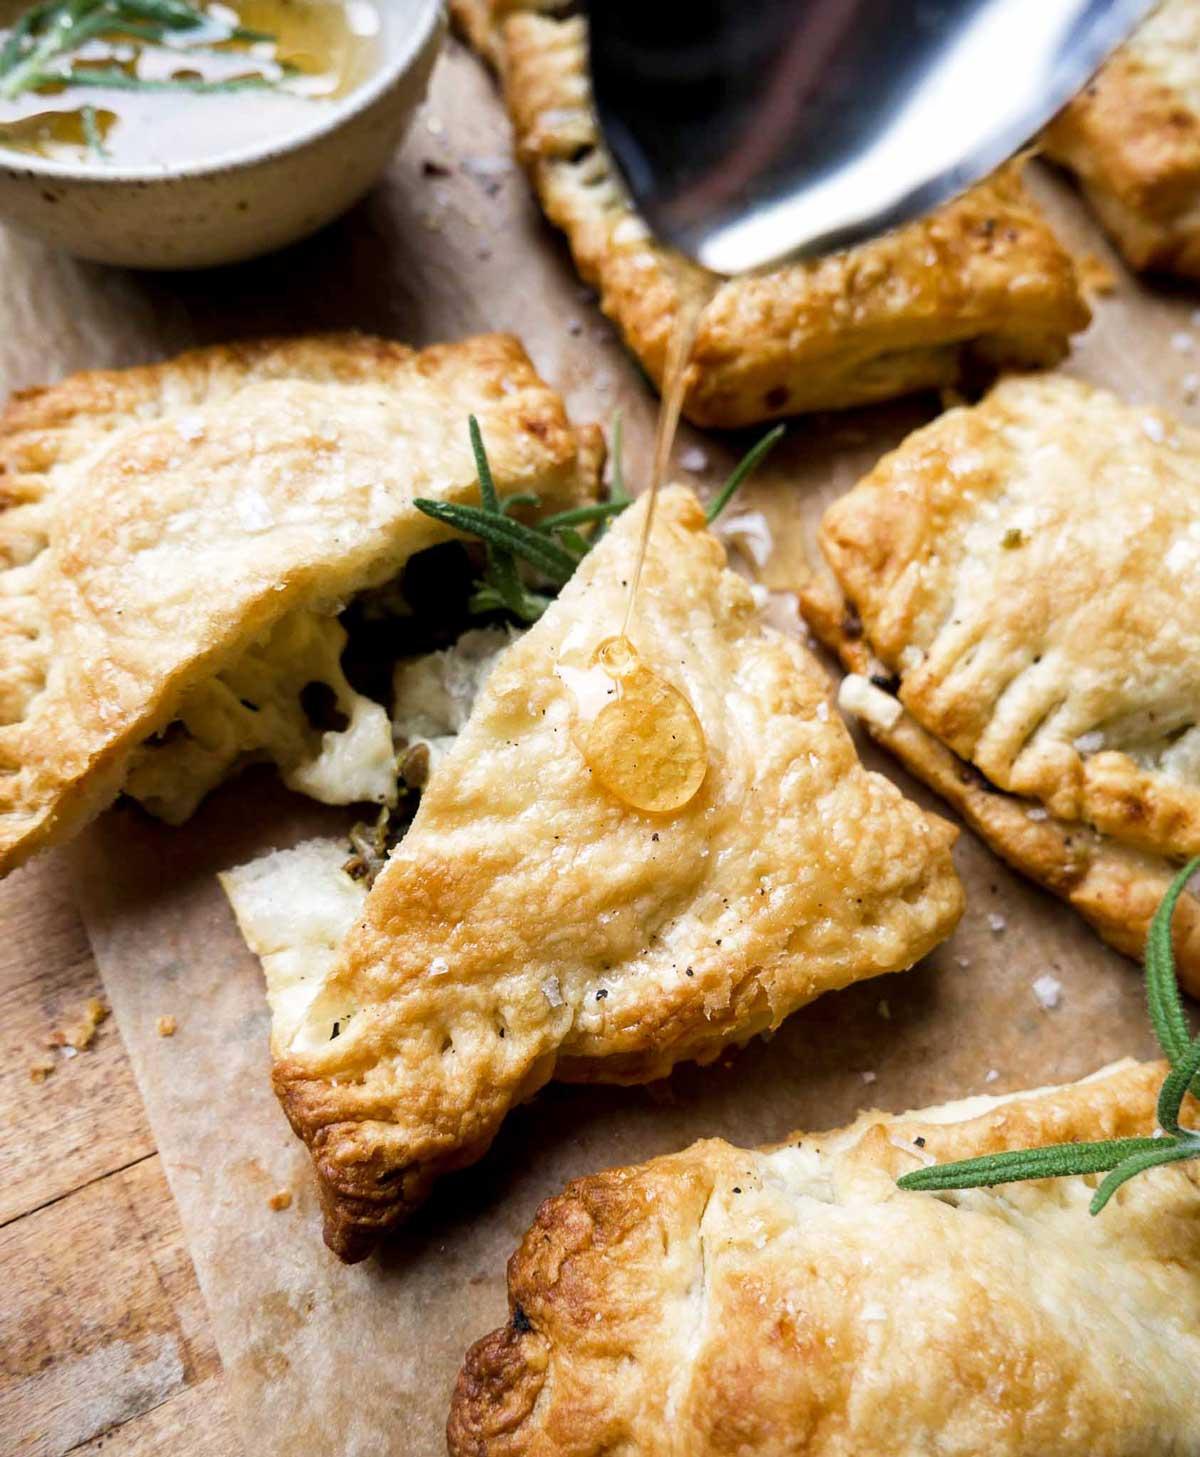 grøntsags butterdejspakke med spinat og ahorn sirup